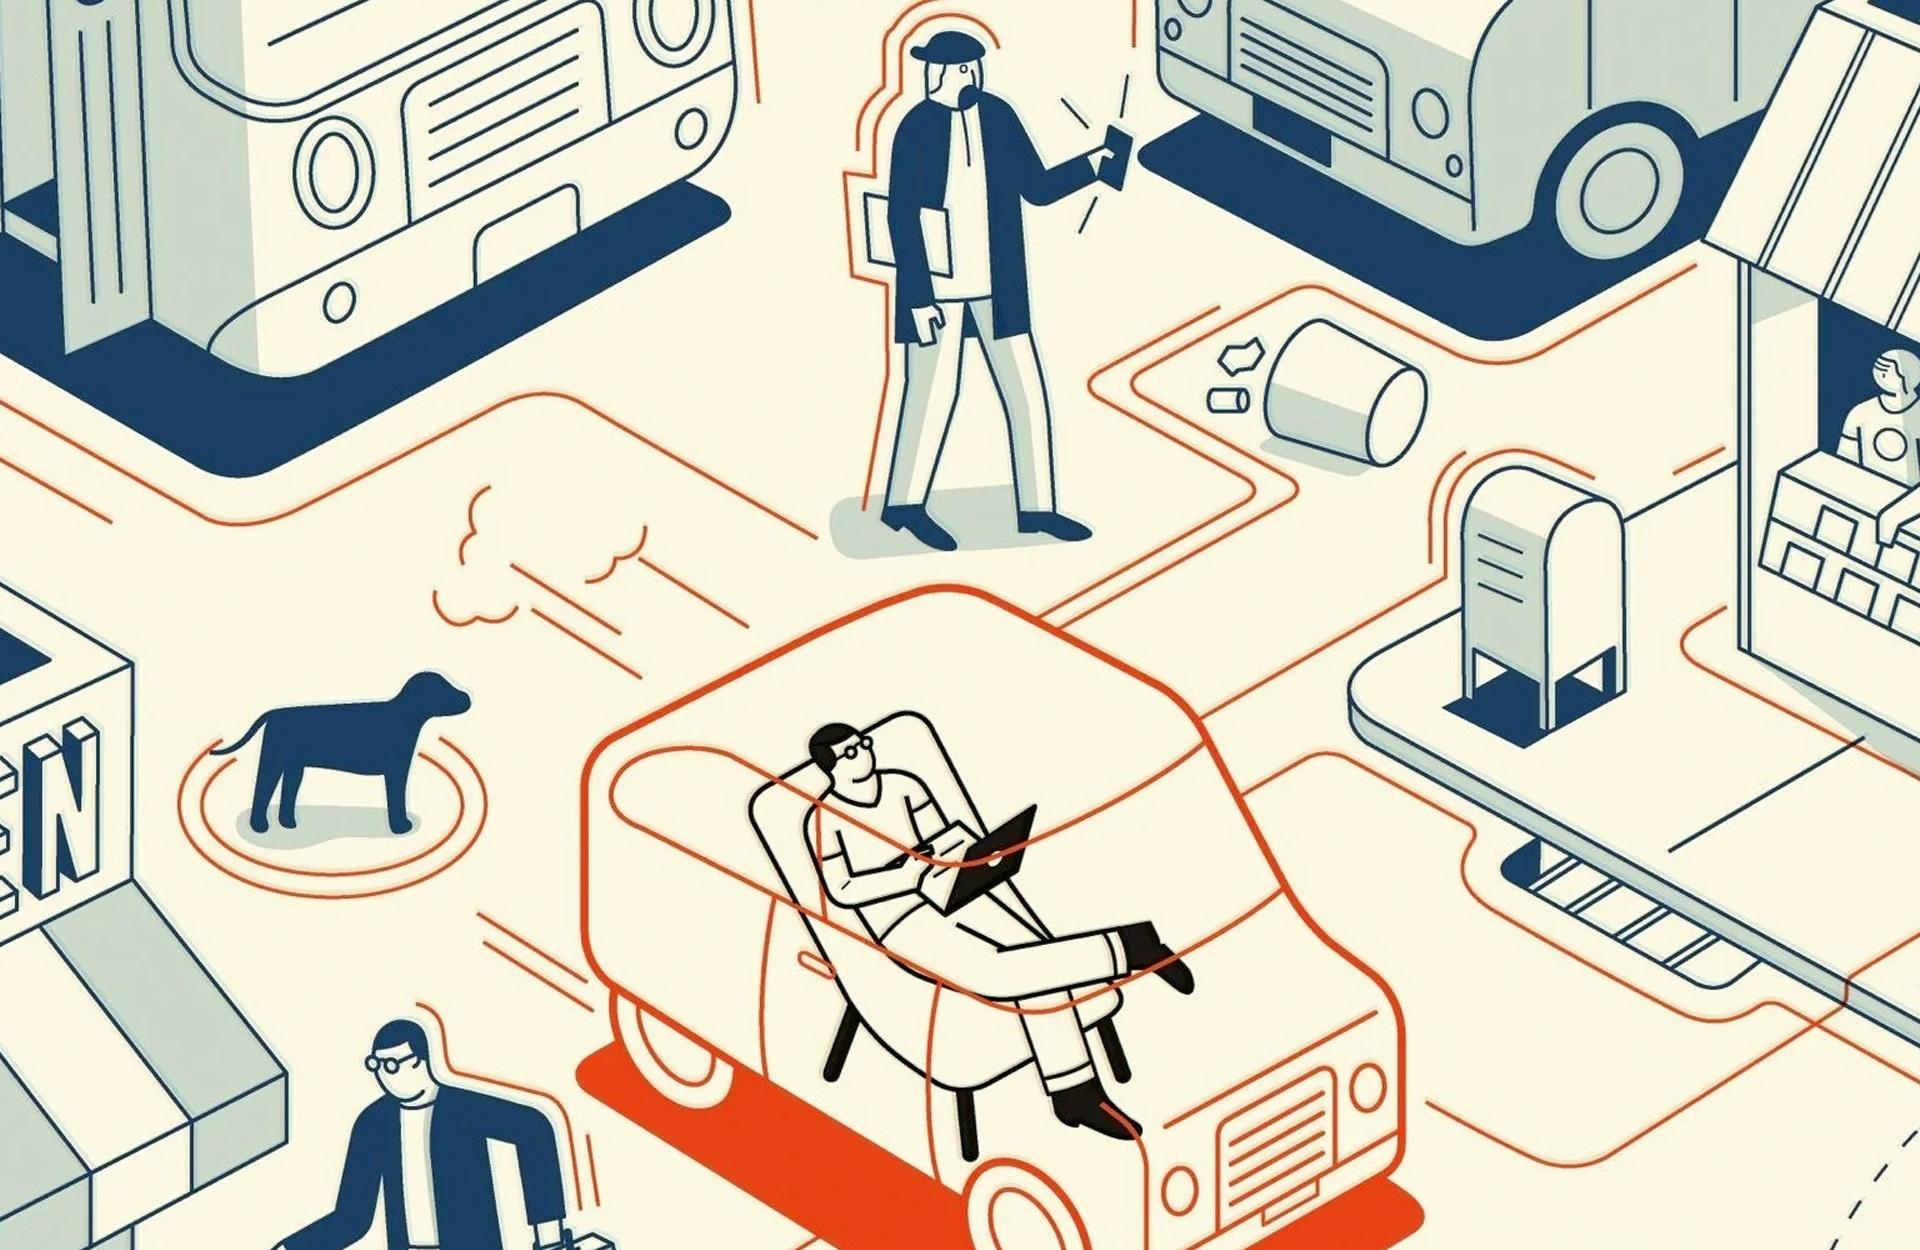 Zeichnung verschiedener CIOs in der Stadt, wie beispielsweise in einem autonom fahrenden Auto.